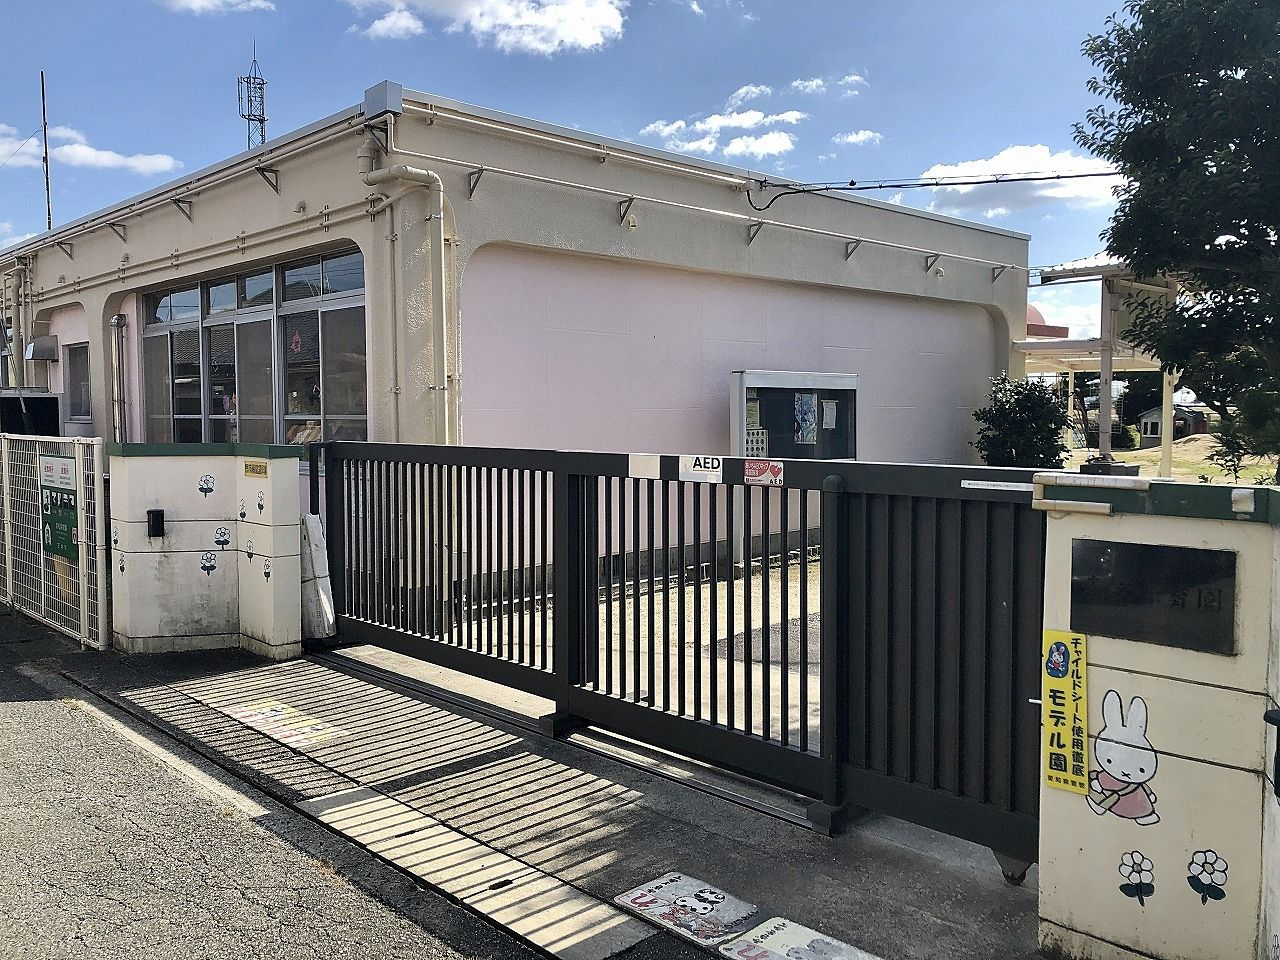 赤松町隅田川55 0566-75-2483